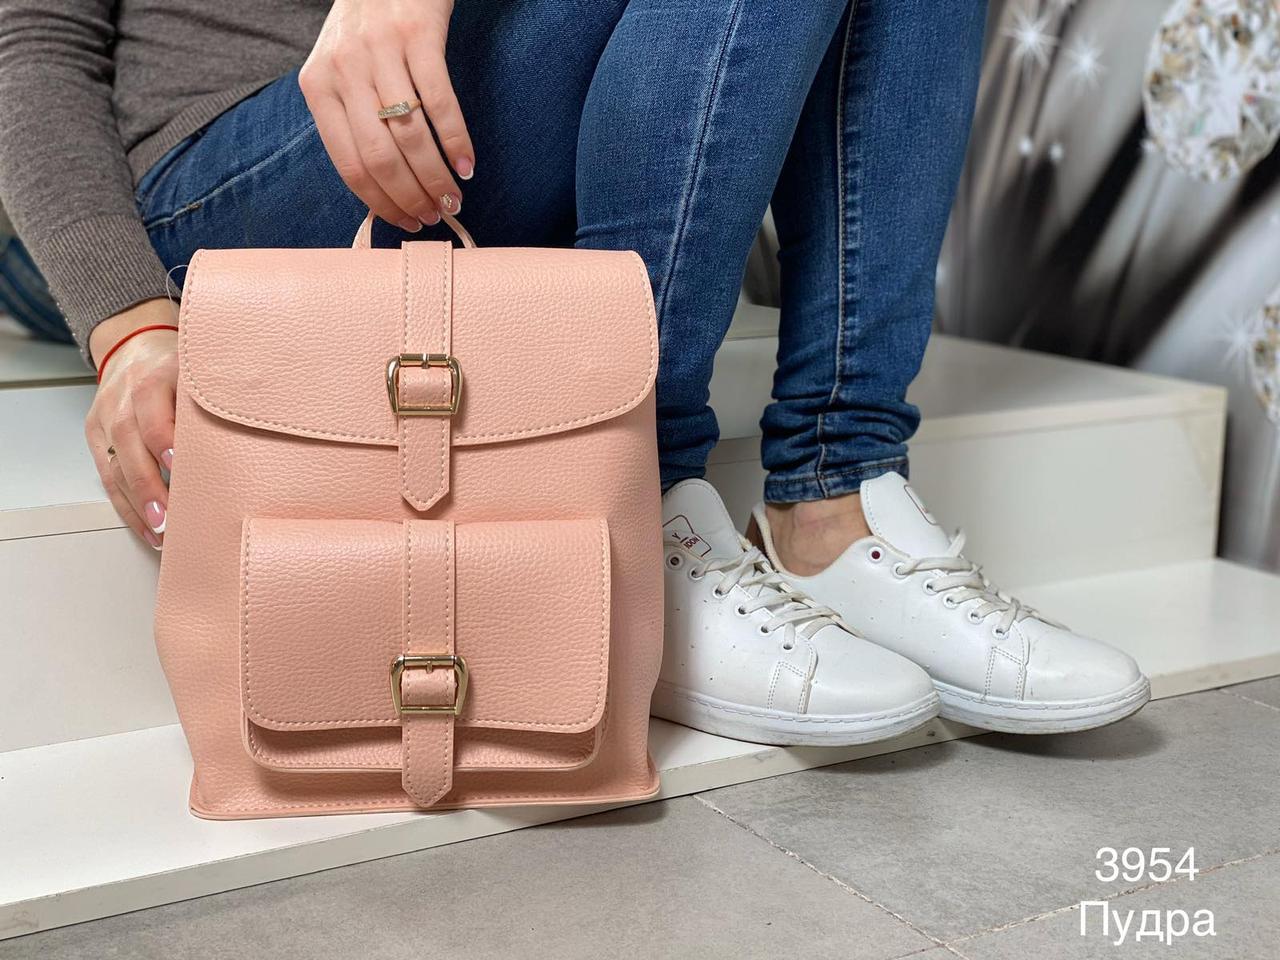 Рюкзак женский розовый  молодежный городской модный брендовый рюкзачок пудра кожзам